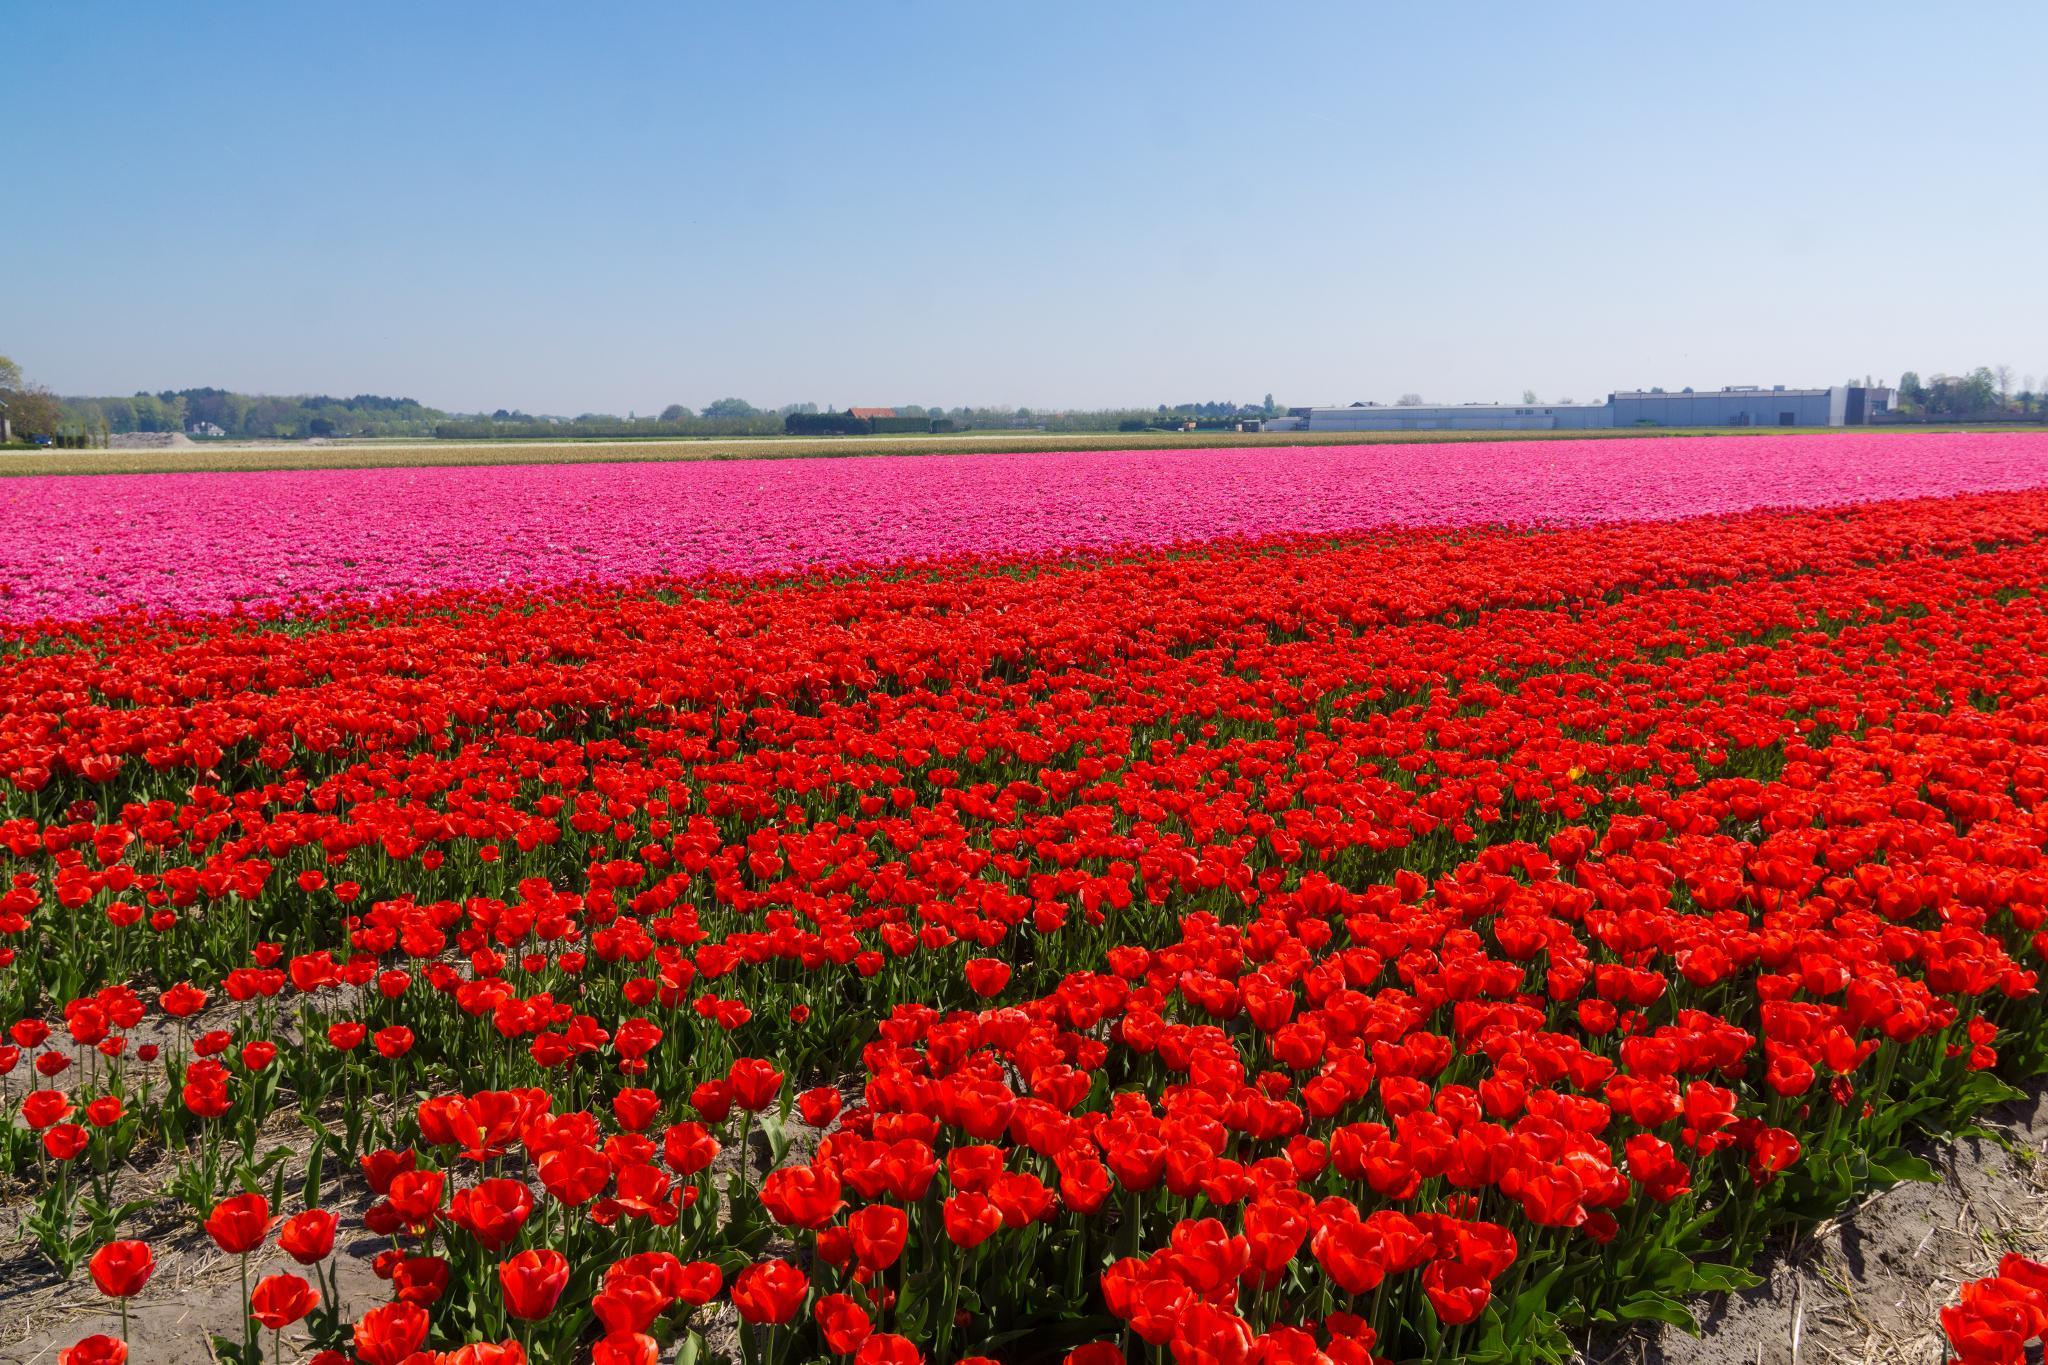 【荷蘭印象】花田嬉事:荷蘭單車花之路 7